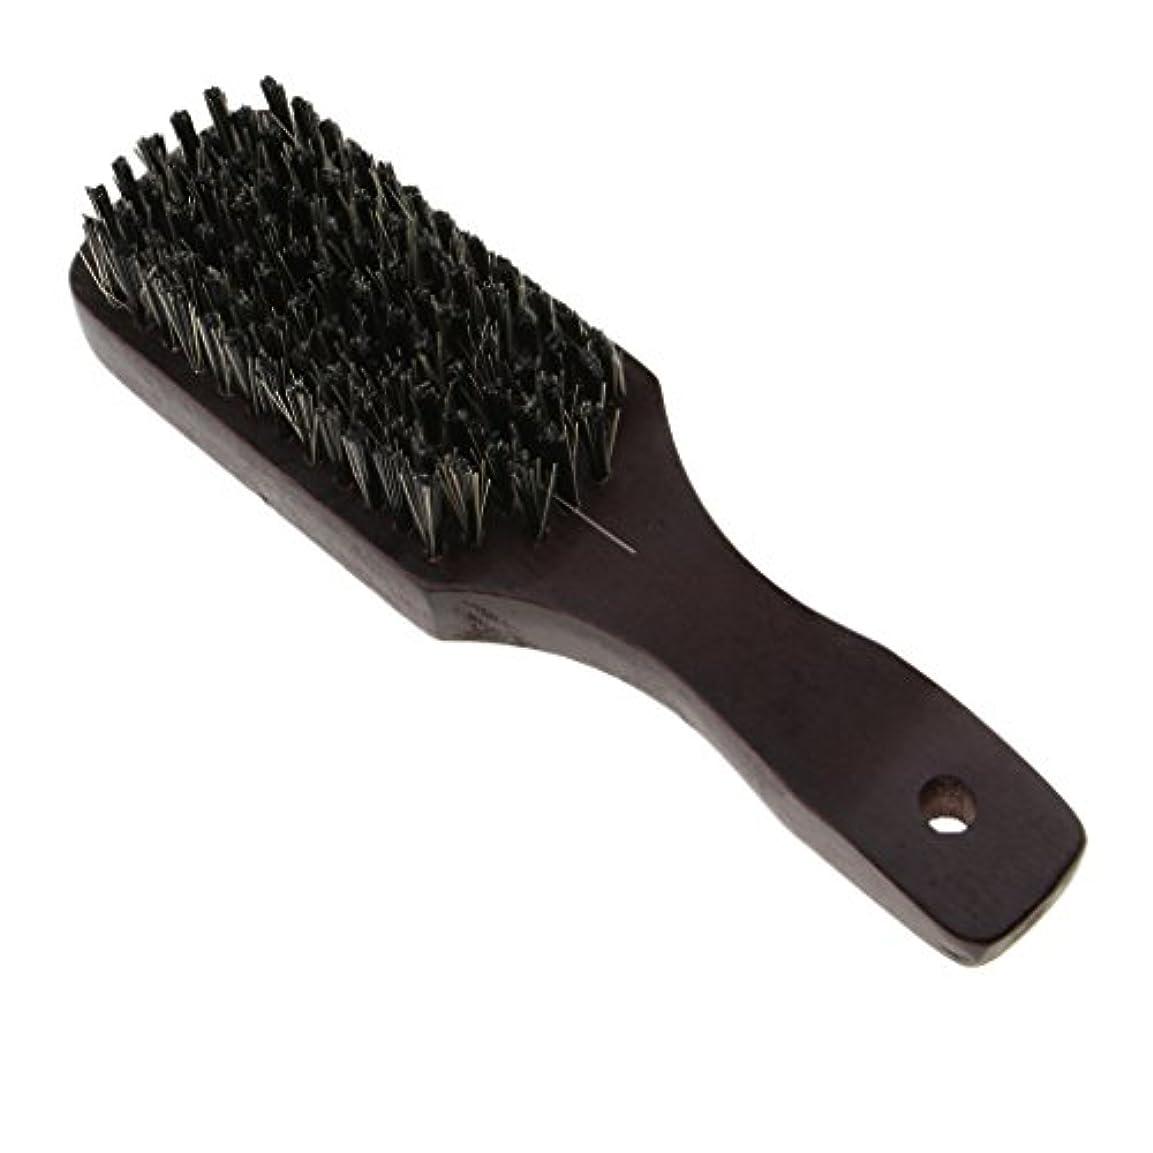 極めて重要な太いモードリンDYNWAVE ヘアブラシ 髪の櫛 木製 サロン バリバー アフロ ヘアピック ブラシ 櫛